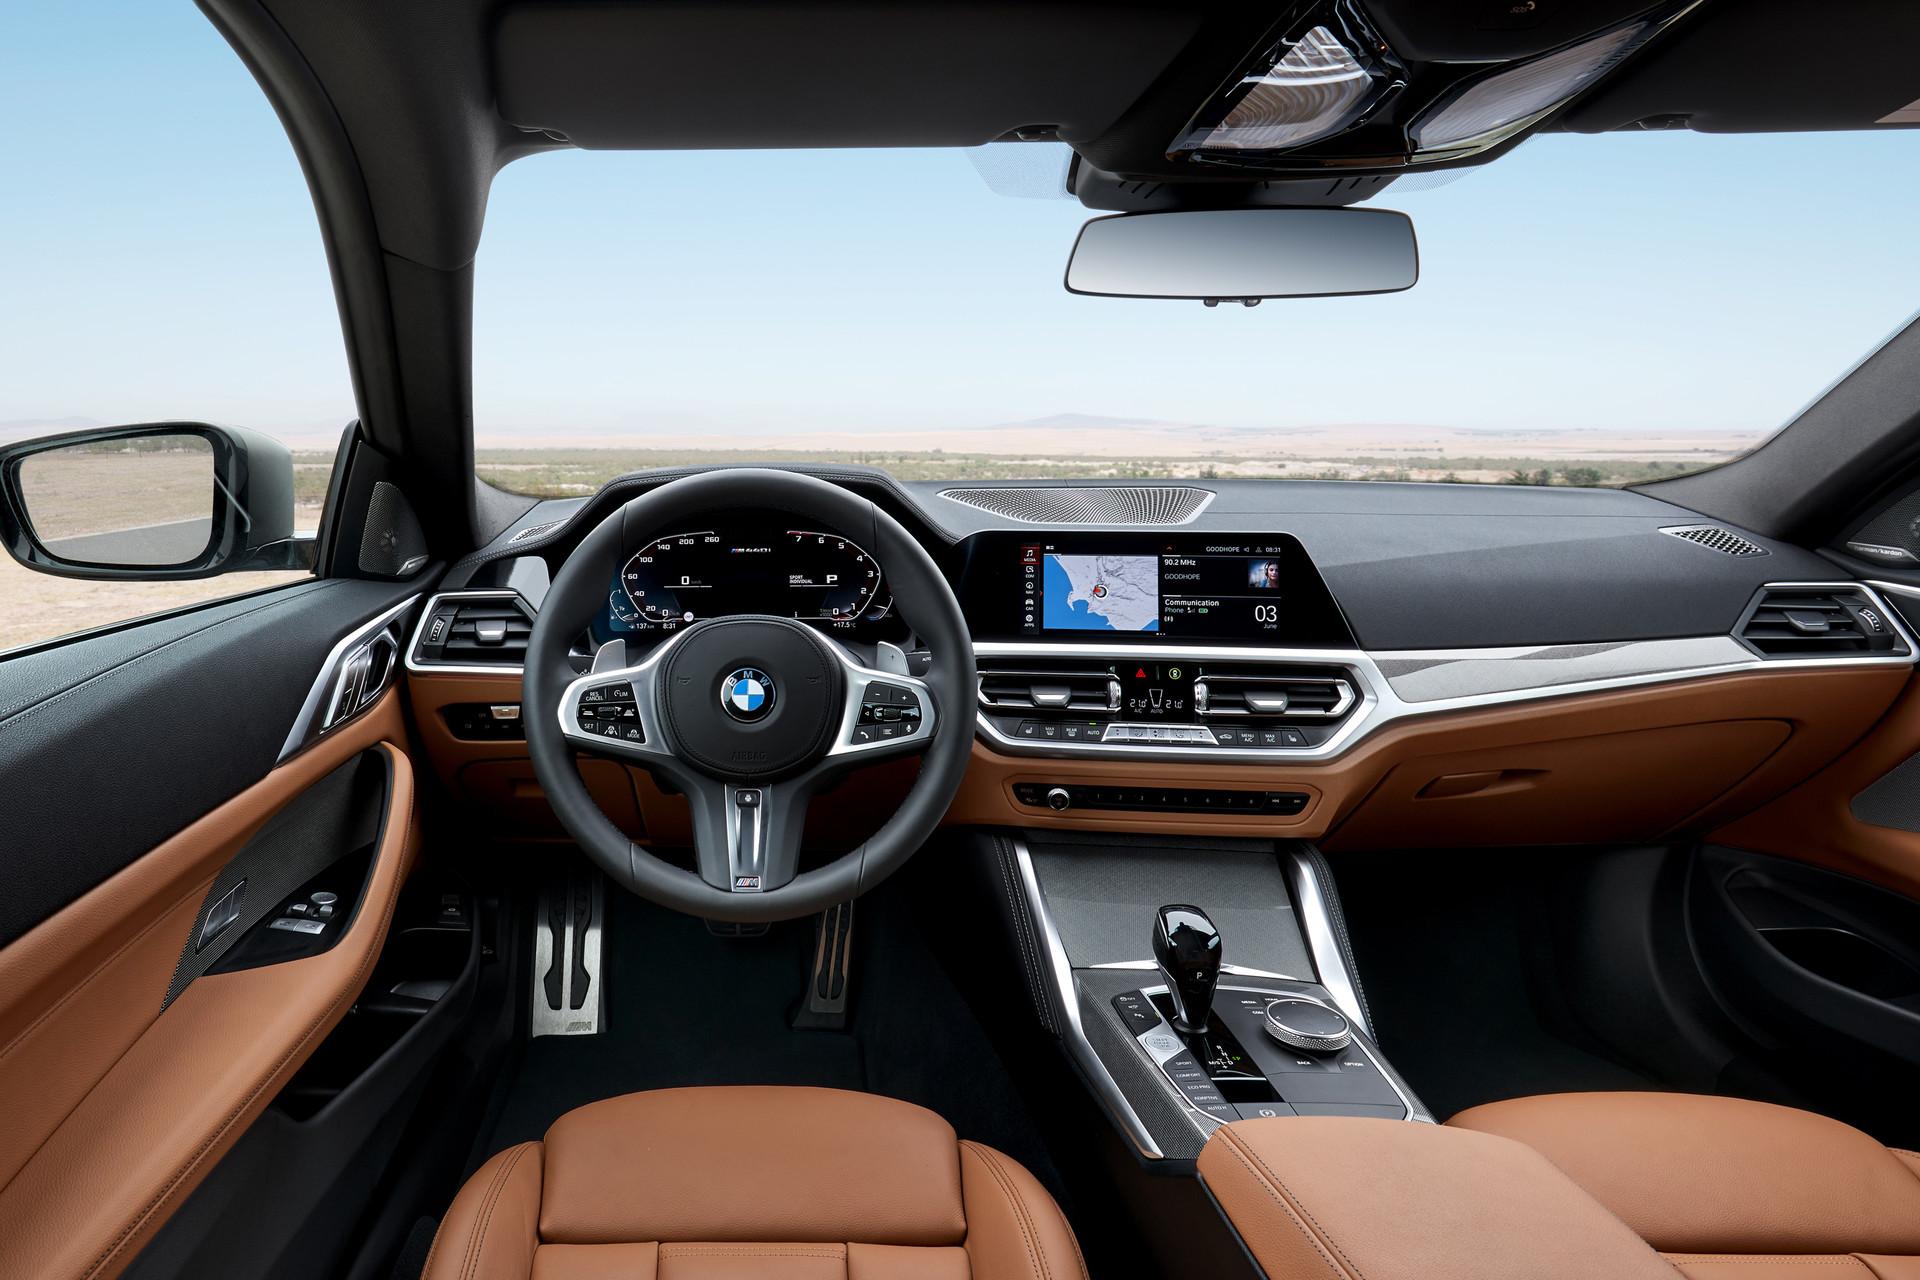 Nieuws: Nieuwe BMW 4 Serie Coupé niet te missen | Autokopen.nl